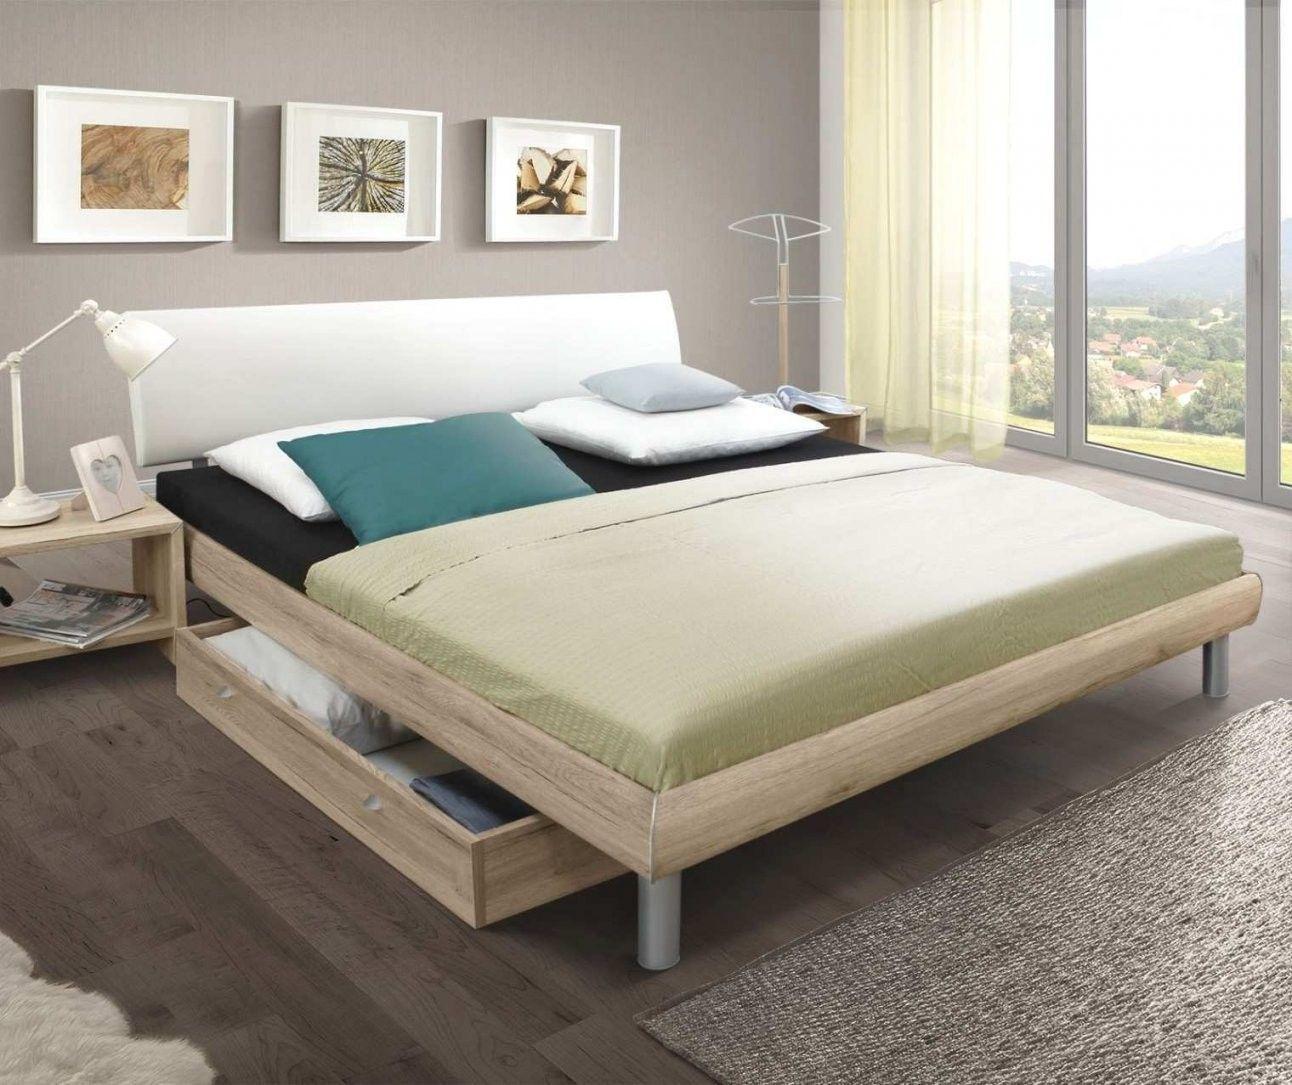 Layout Bett 120 200 Mit Matratze Und Lattenrost Fcci Von Moderne Betten 120x200 Bild In 2020 Bett Ideen Schlafzimmer Einrichten Einrichtungsideen Schlafzimmer